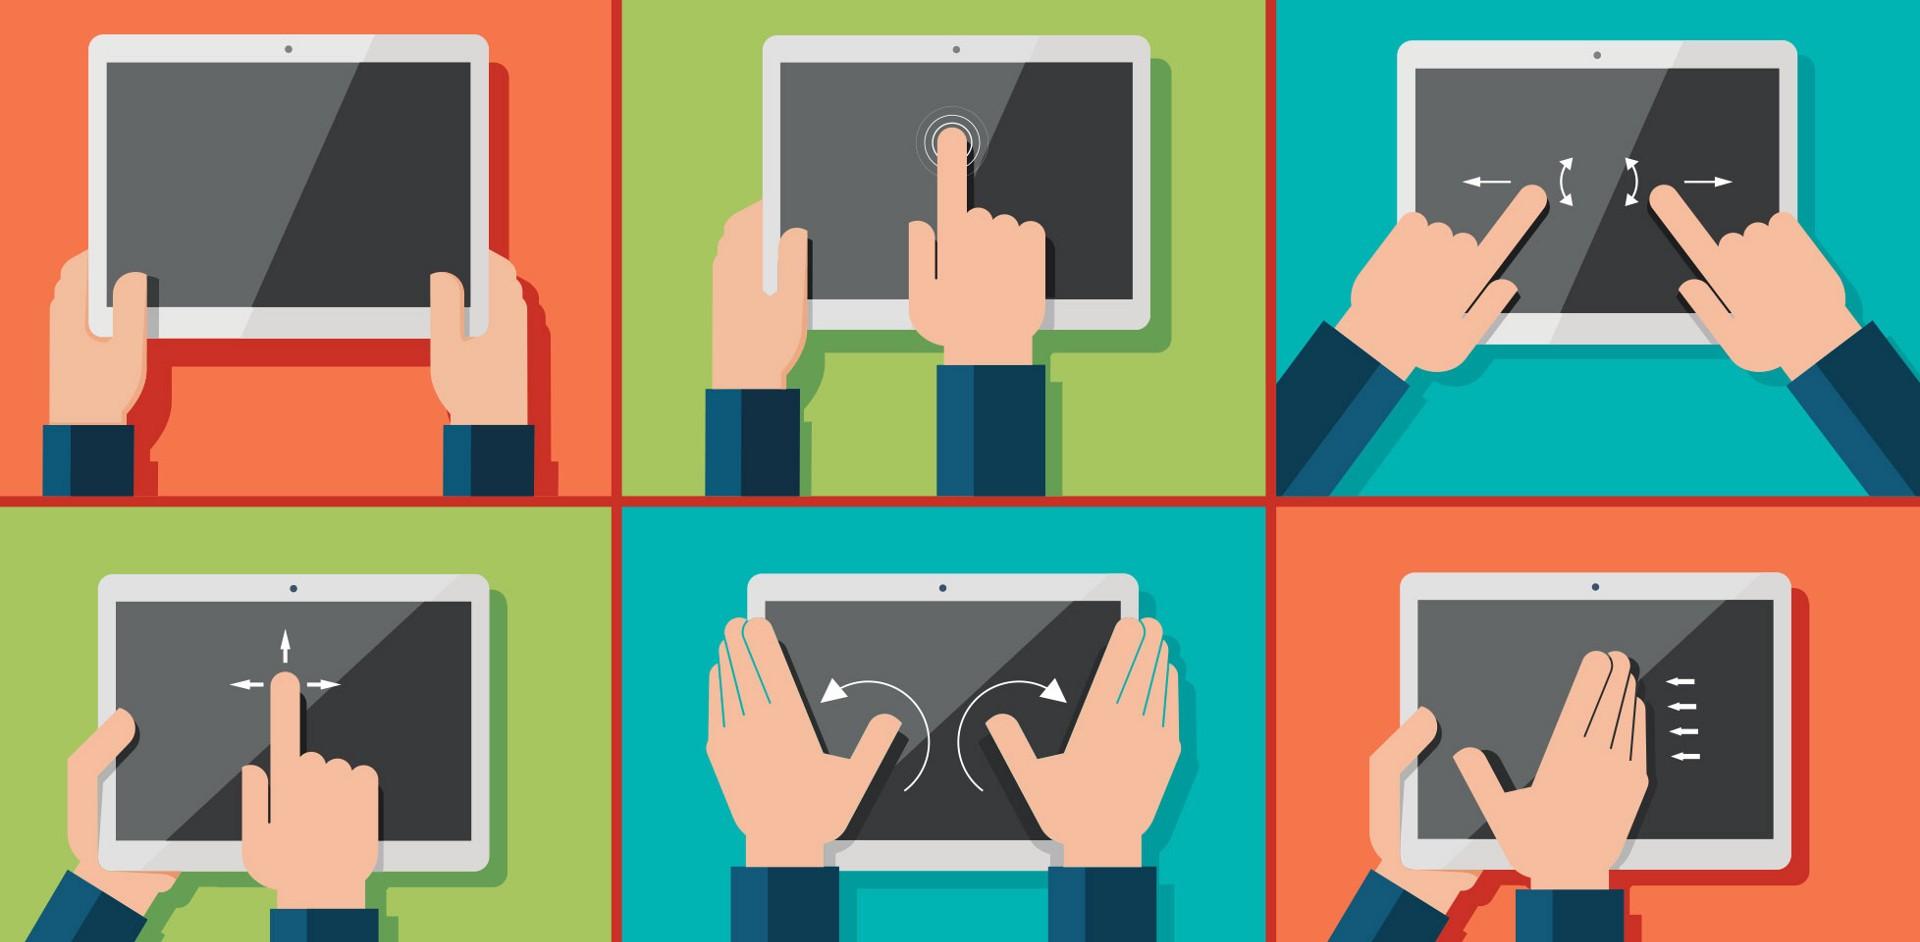 Мобильный UX-дизайн в 2018 году: тенденции и прогнозы